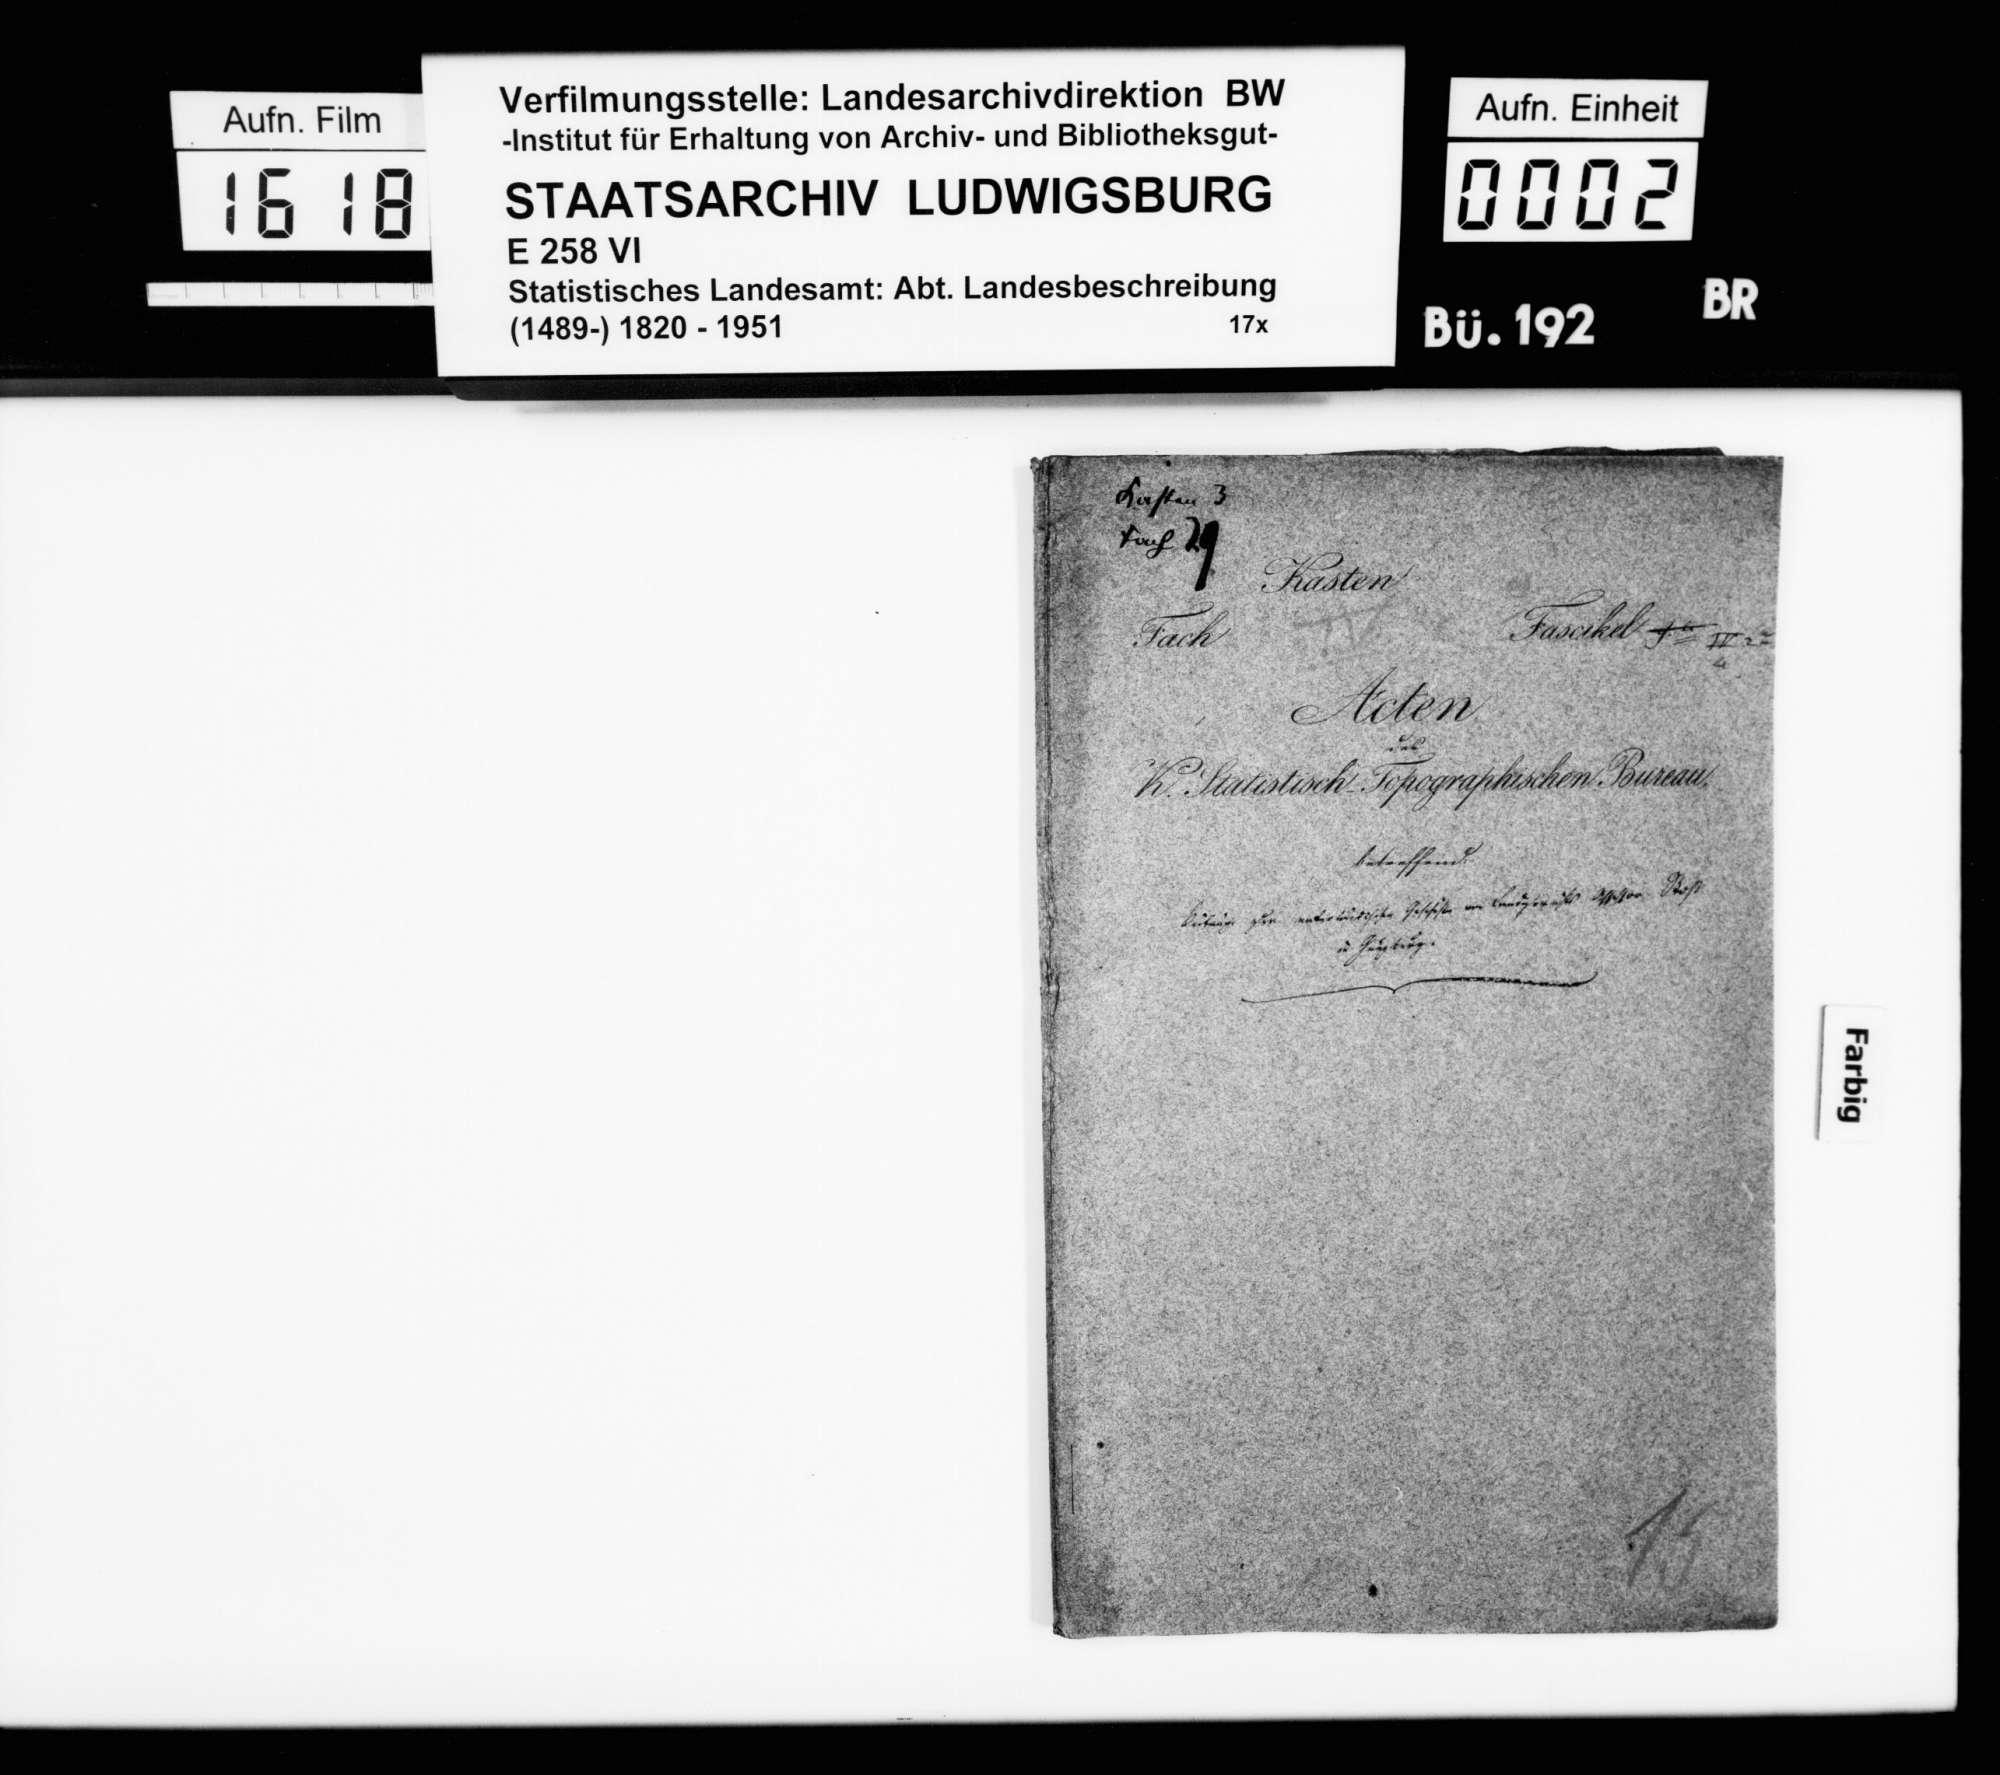 Mitteilungen des Landgerichtsassessors Stoß aus Günzburg zur mittelalterlichen Geschichte in Schwaben, Bild 1